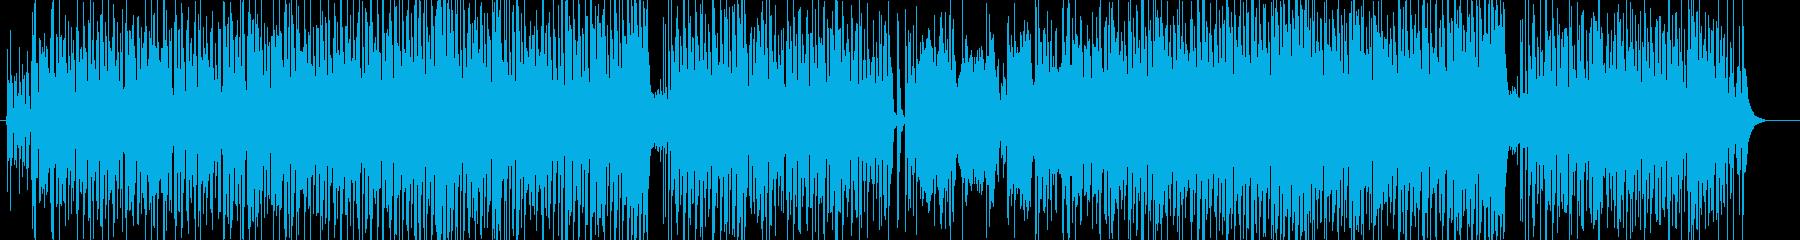 明るく陽気なワールドミュージックの再生済みの波形